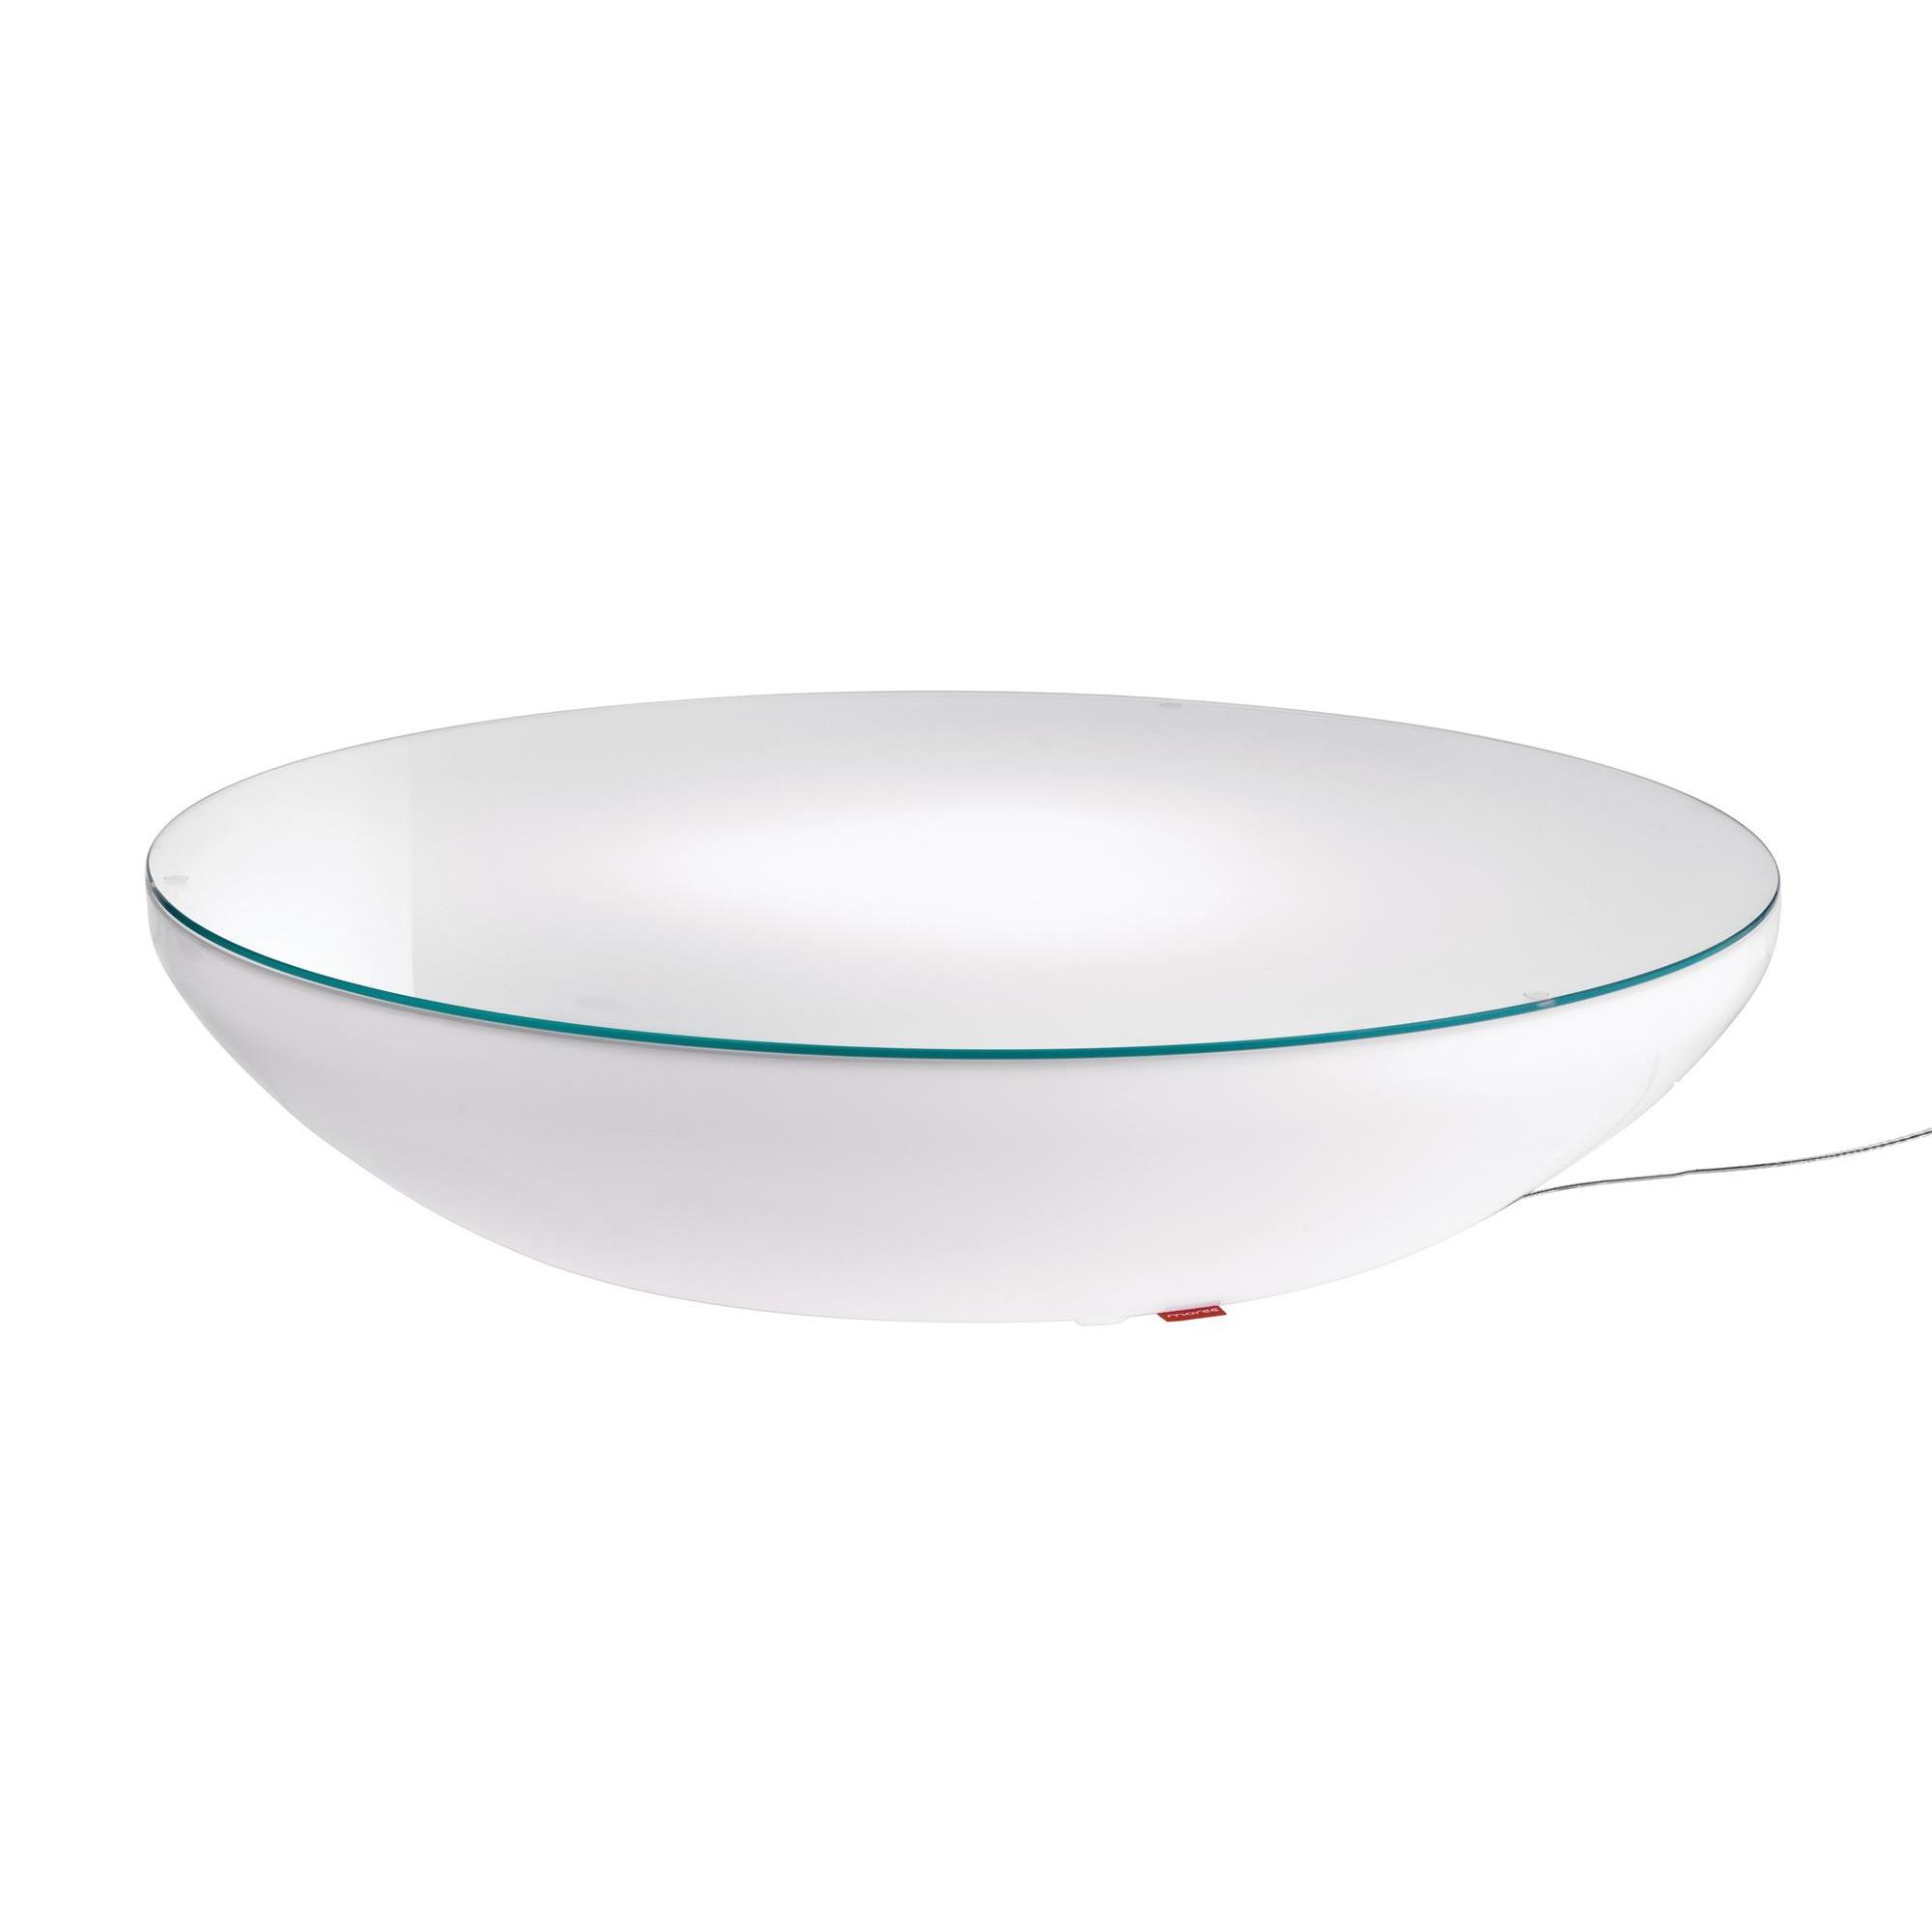 Moree - Lounge Variation LED Pro Leuchttisch - weiß/transluzent/inkl. Glas-Tischplatte/Multicolor LEDs/Infrarot (IR)/mit Fernbedienung/H 18cm/Ø 84 | Wohnzimmer > Tische > Glastische | Weiß|transluzent | Abs|pmma glänzend beschichtet|uv beständig | Moree